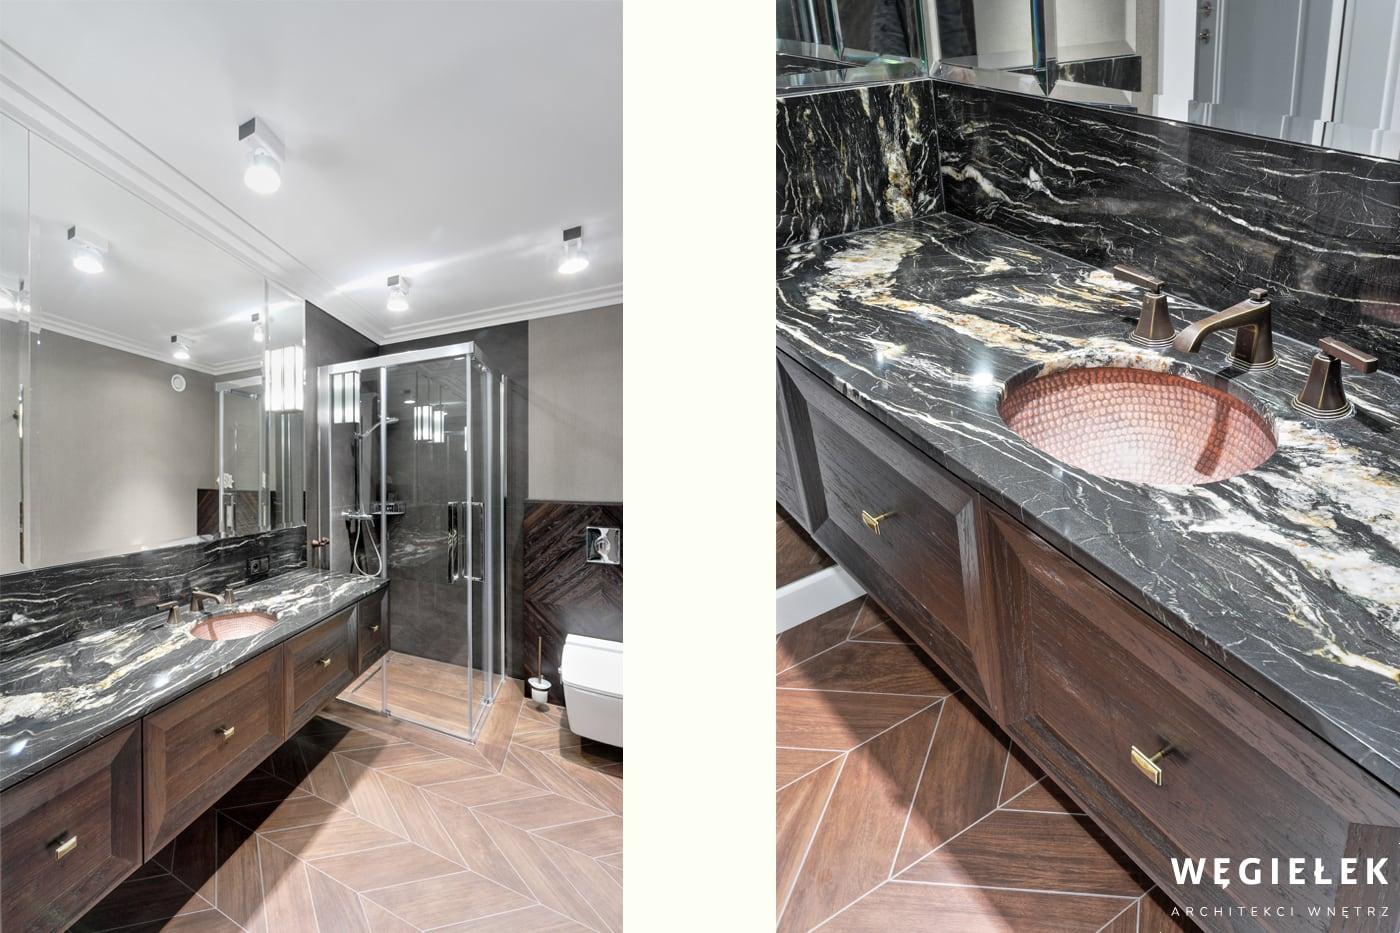 Architekci wnętrz domów prezentują łazienkę z marmurowym blatem o ciekawym wzorze. Podłoga przypomina klasyczny parkiet ułożony w jodełkę. Do tego biały sufit.